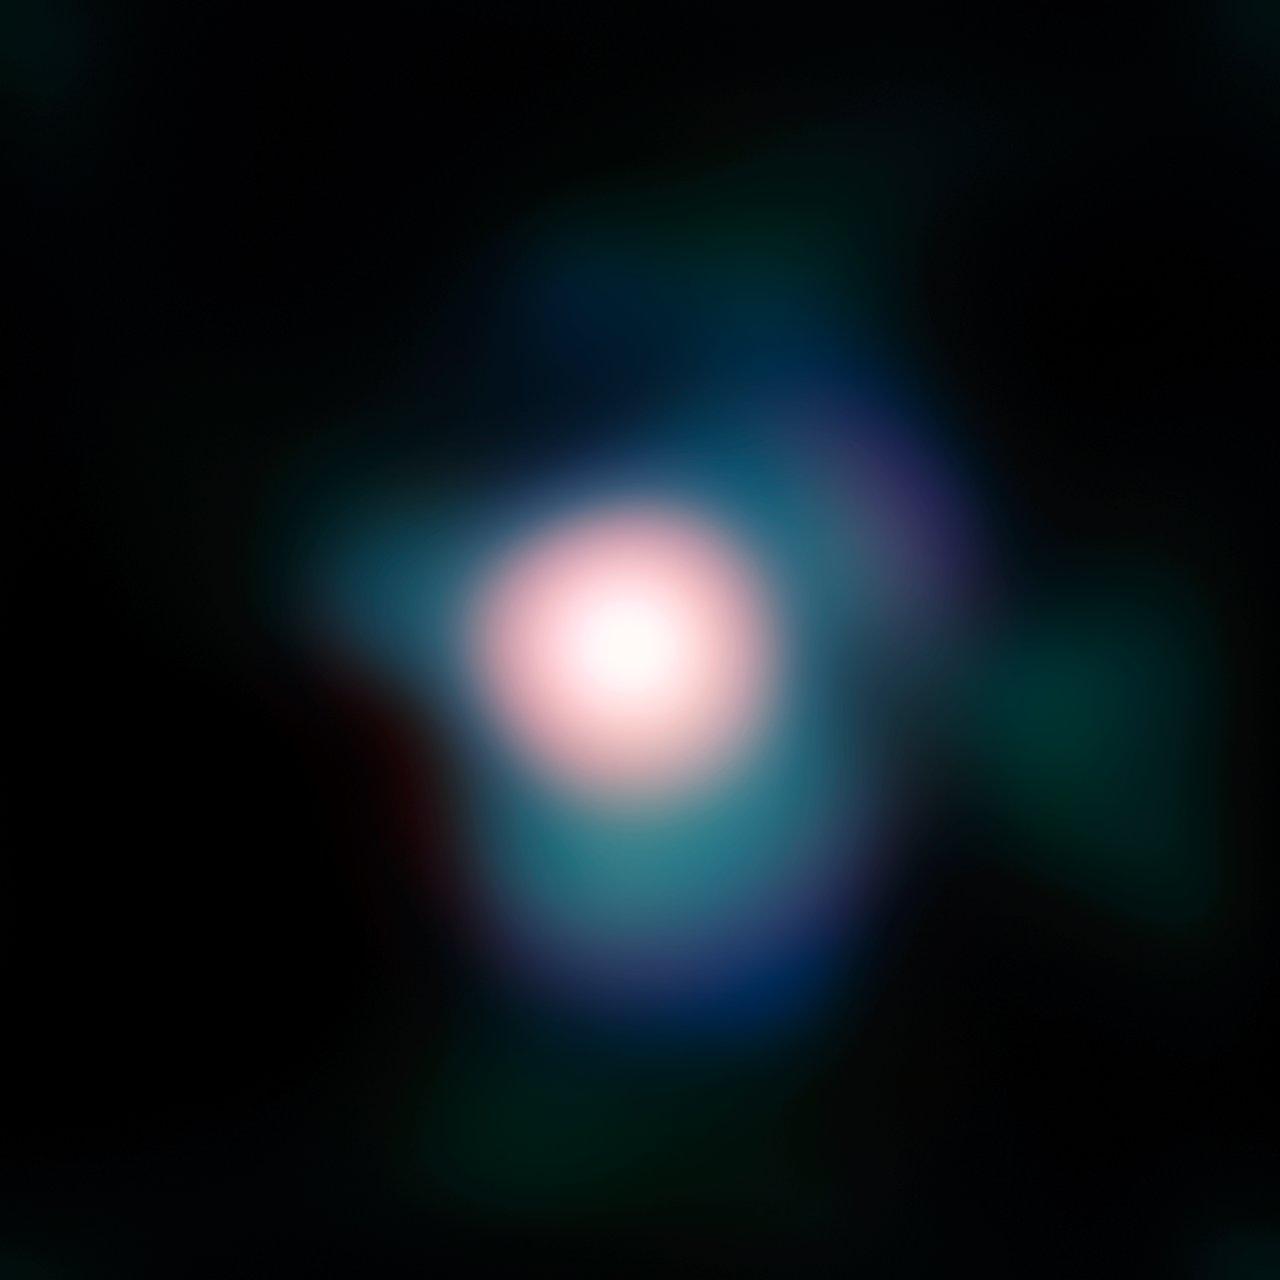 A close look at Betelgeuse